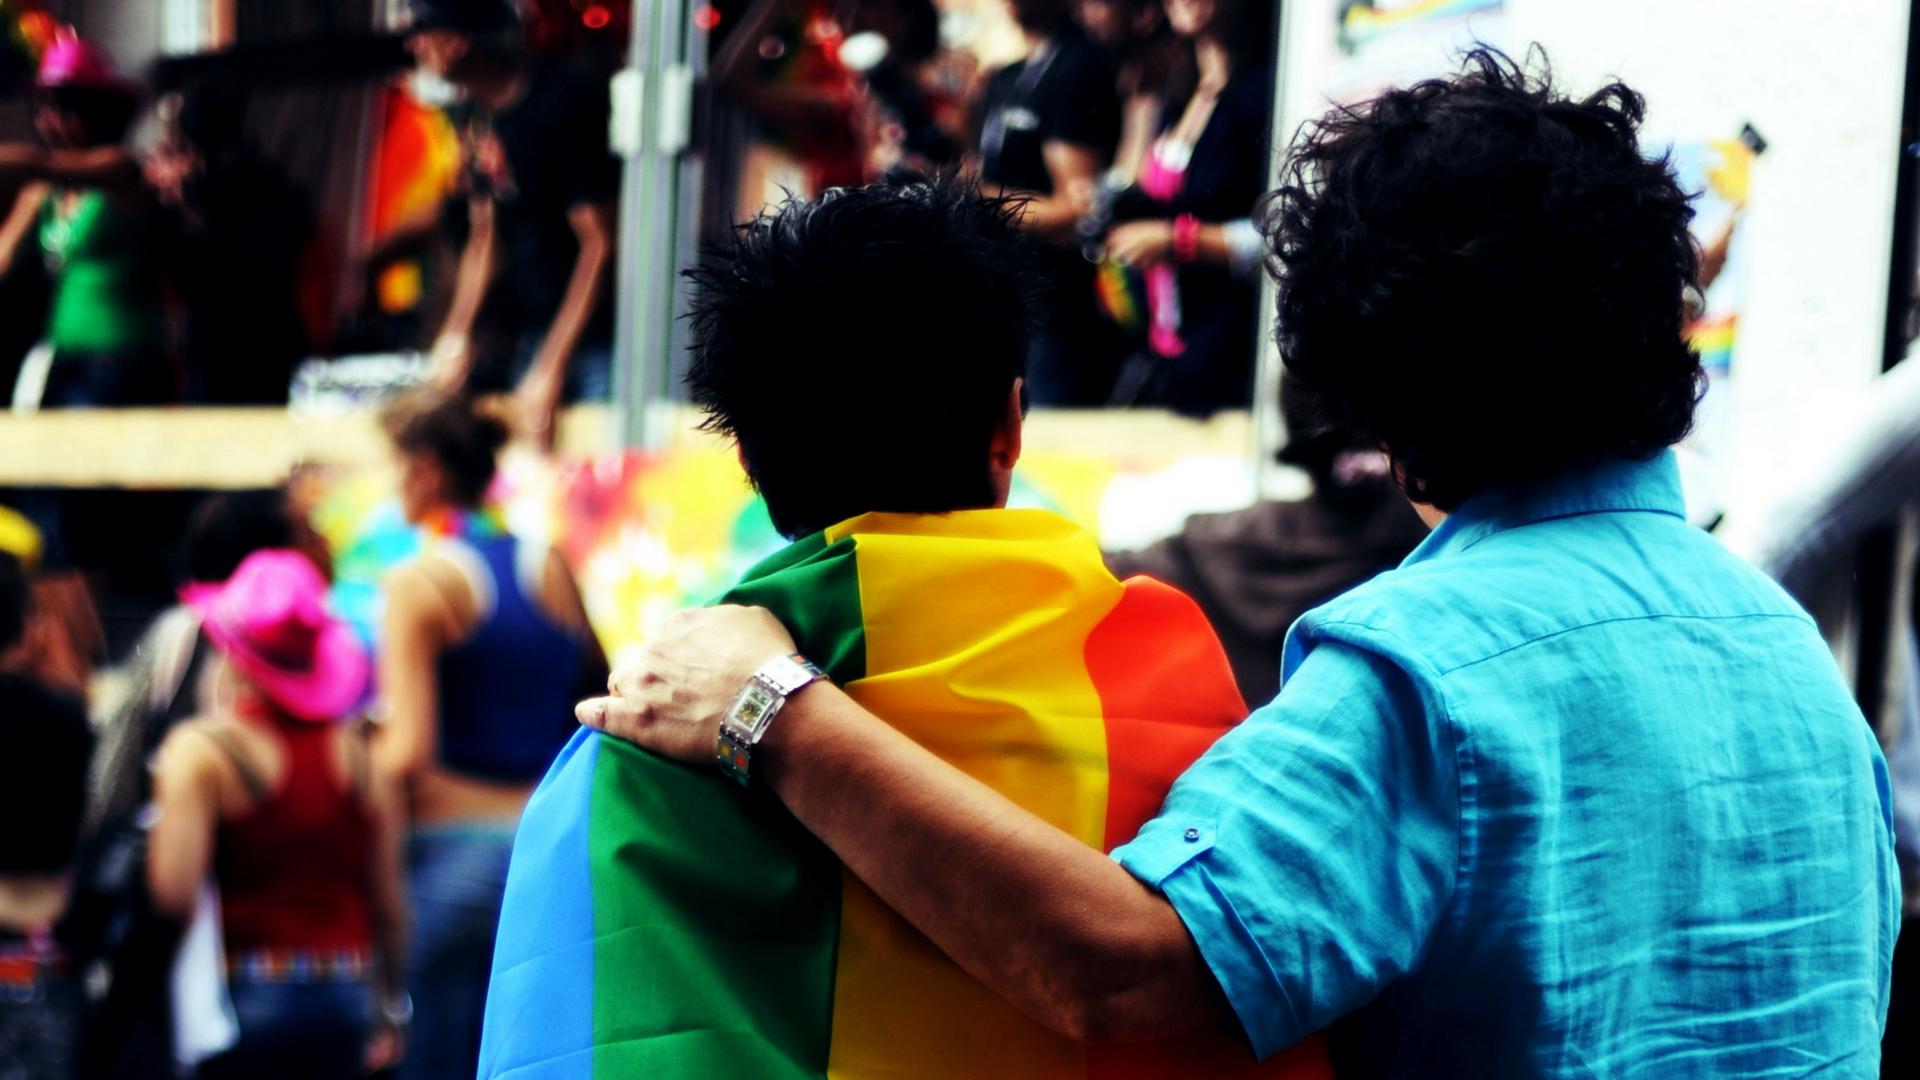 Coppie gay e figli, pensieri e dubbi di un liberale